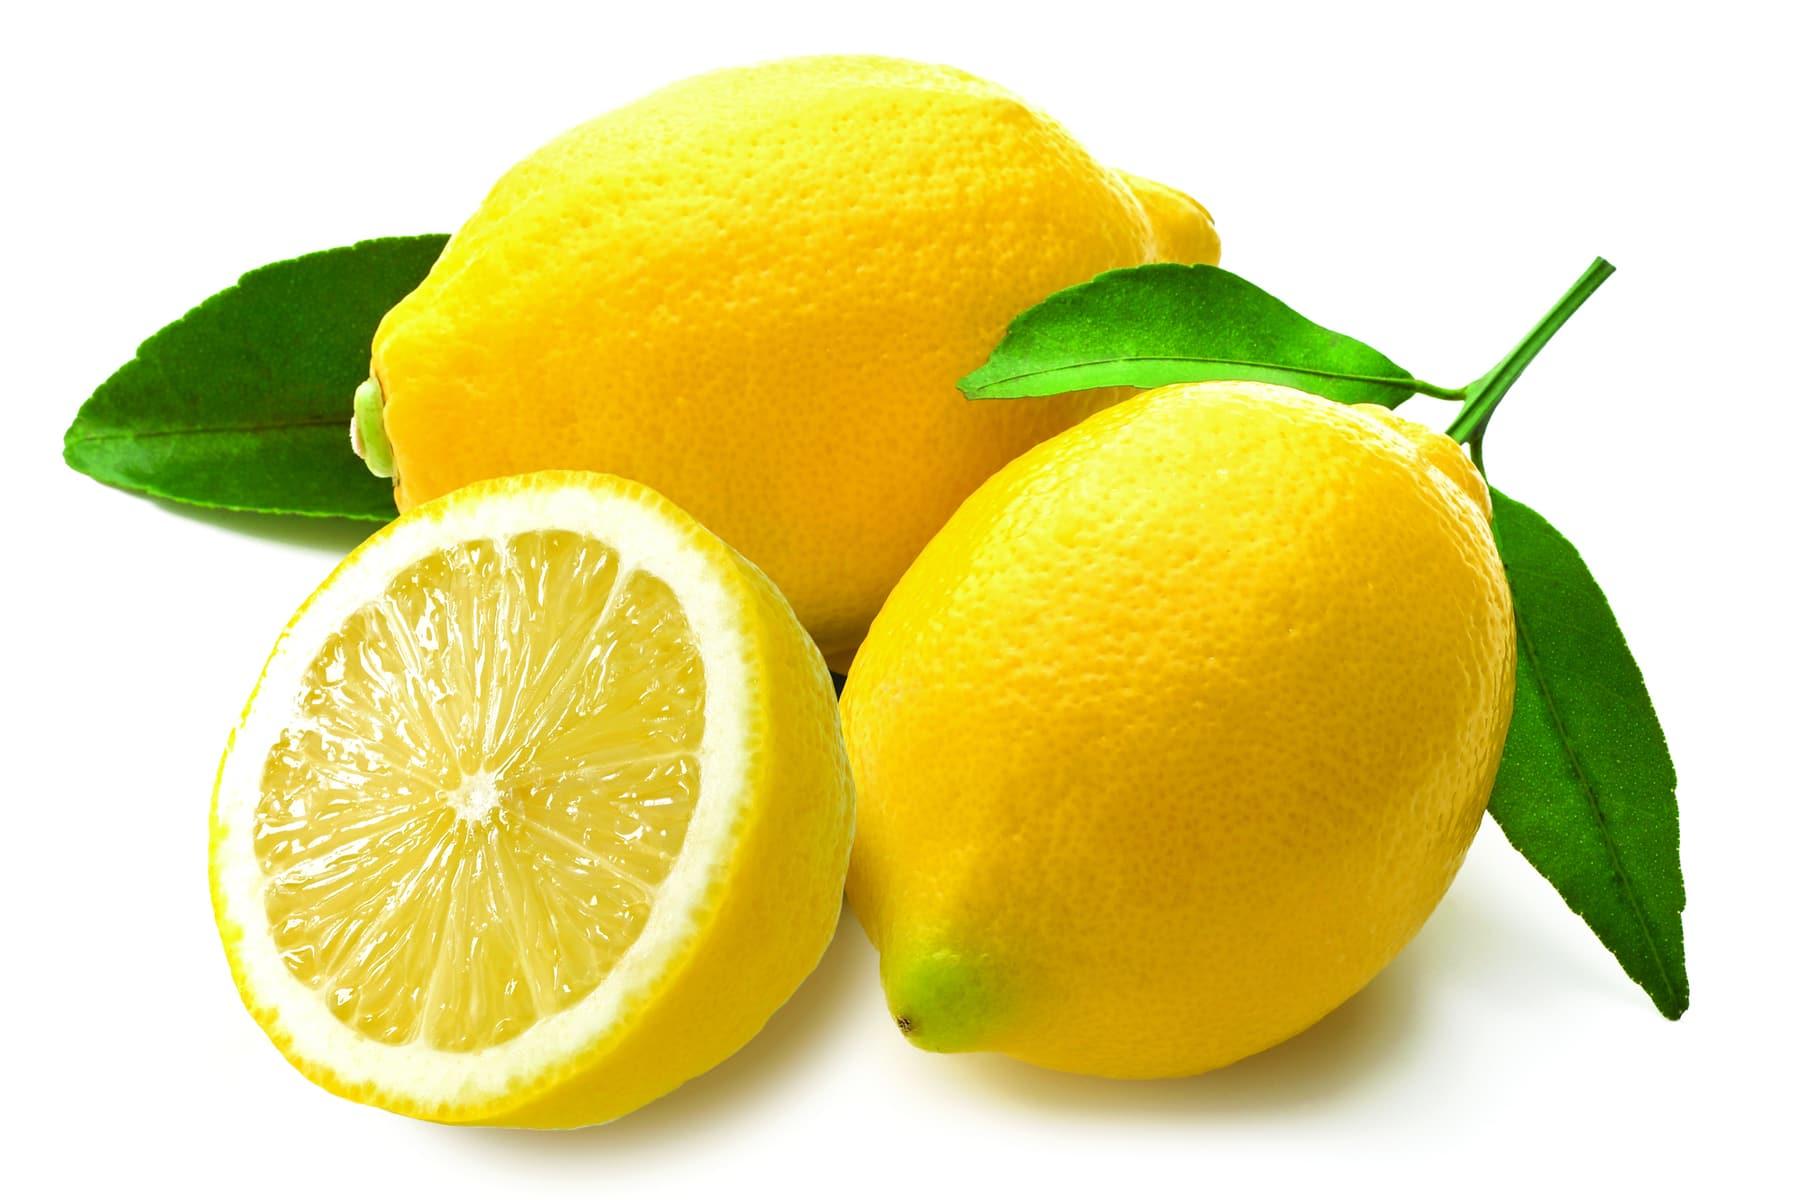 In season late winter: Lemons - Healthy Food Guide